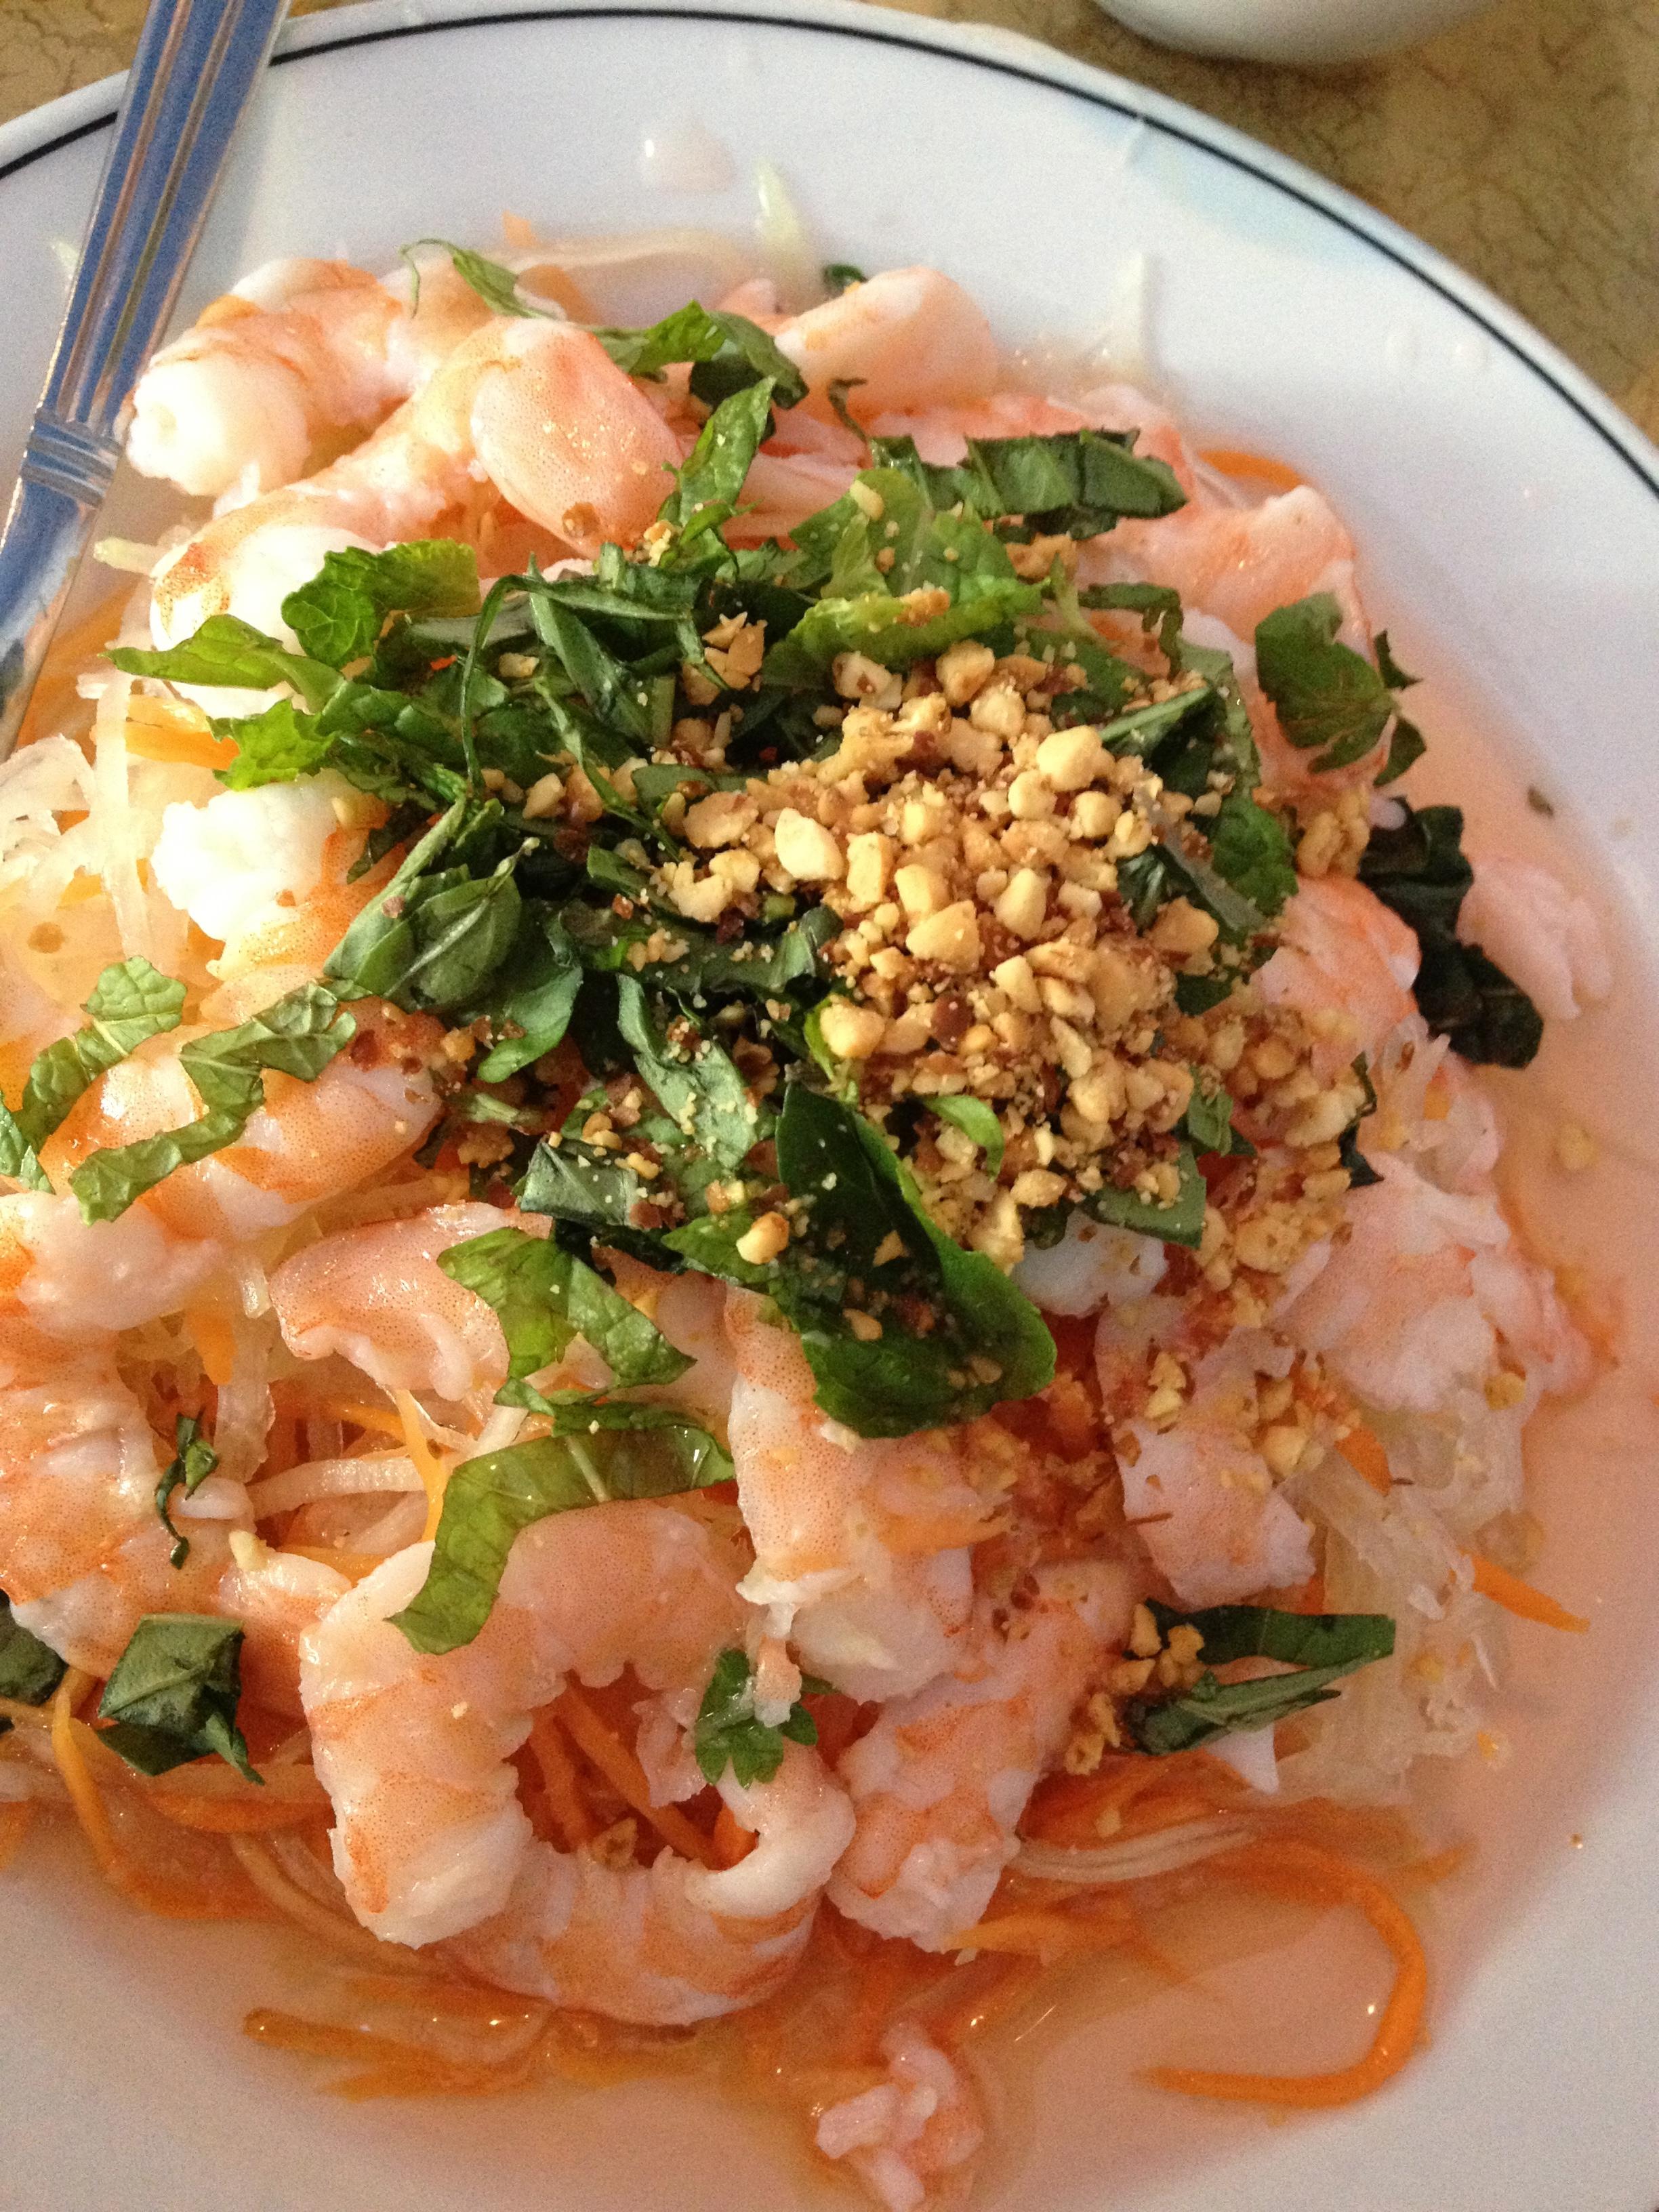 Green papaya salad with shrimp and peanuts